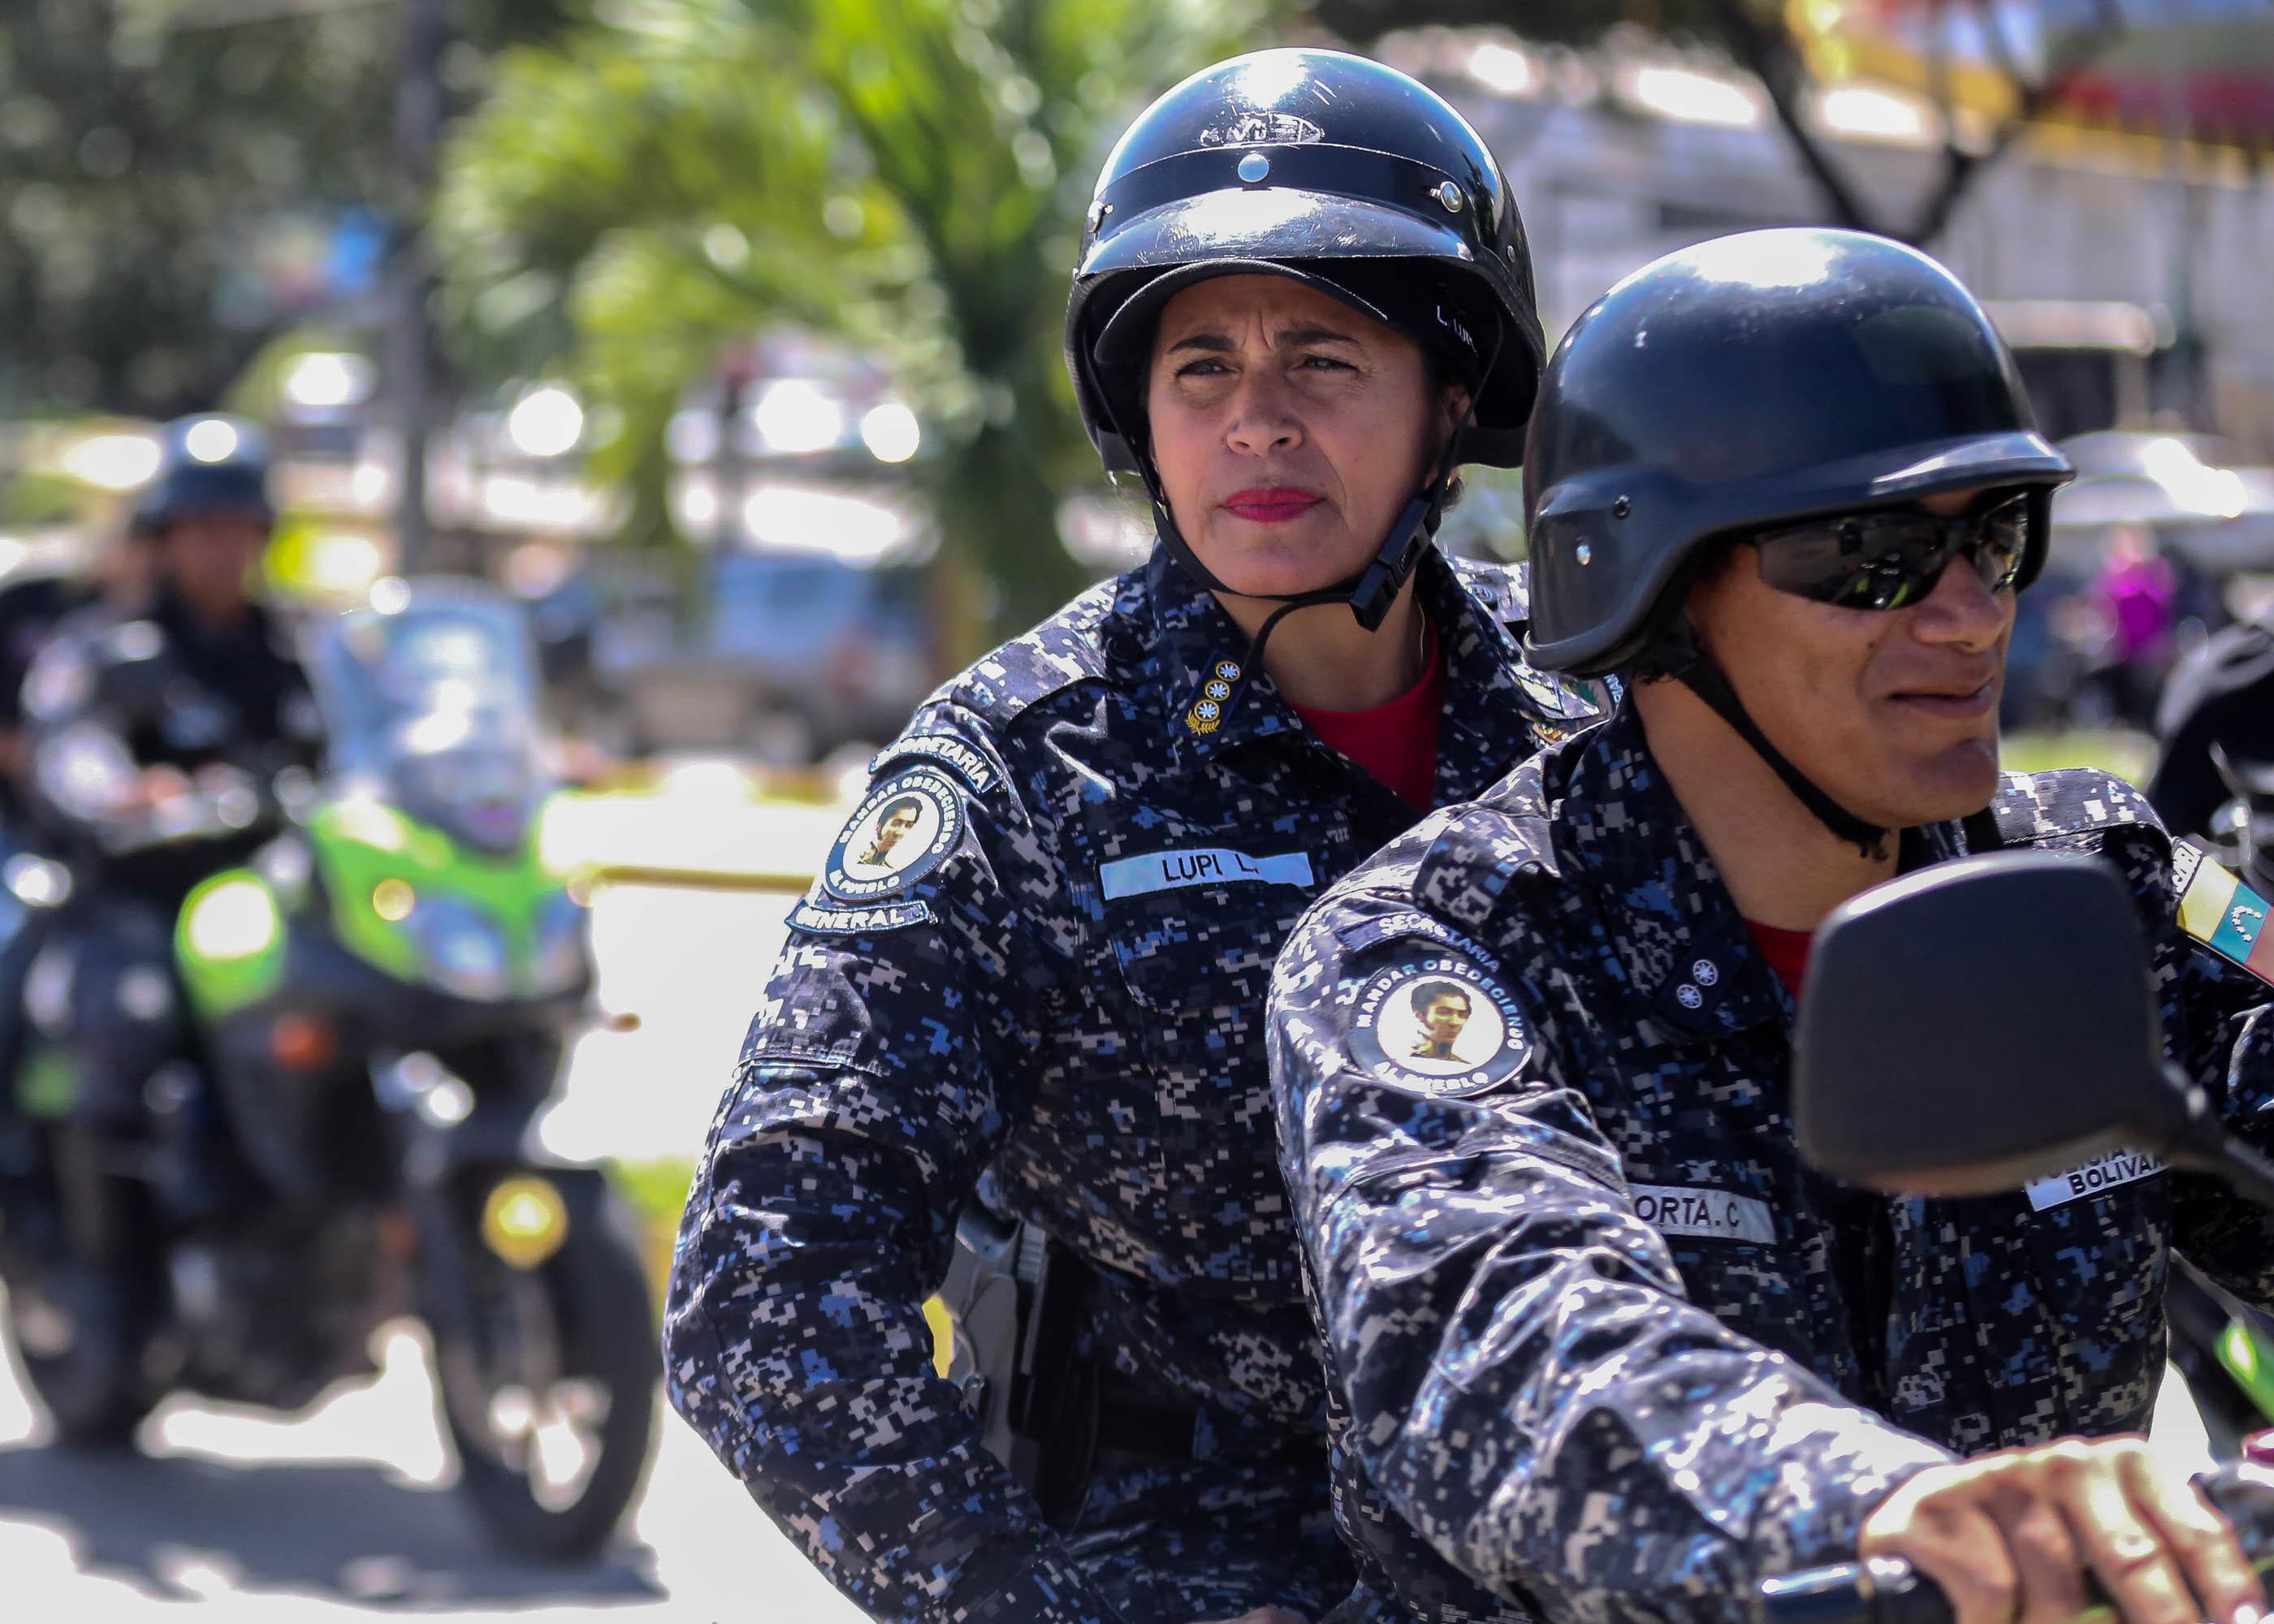 Dos solicitados fueron aprehendidos durante despliegue de seguridad en Santa Rosalía (2)